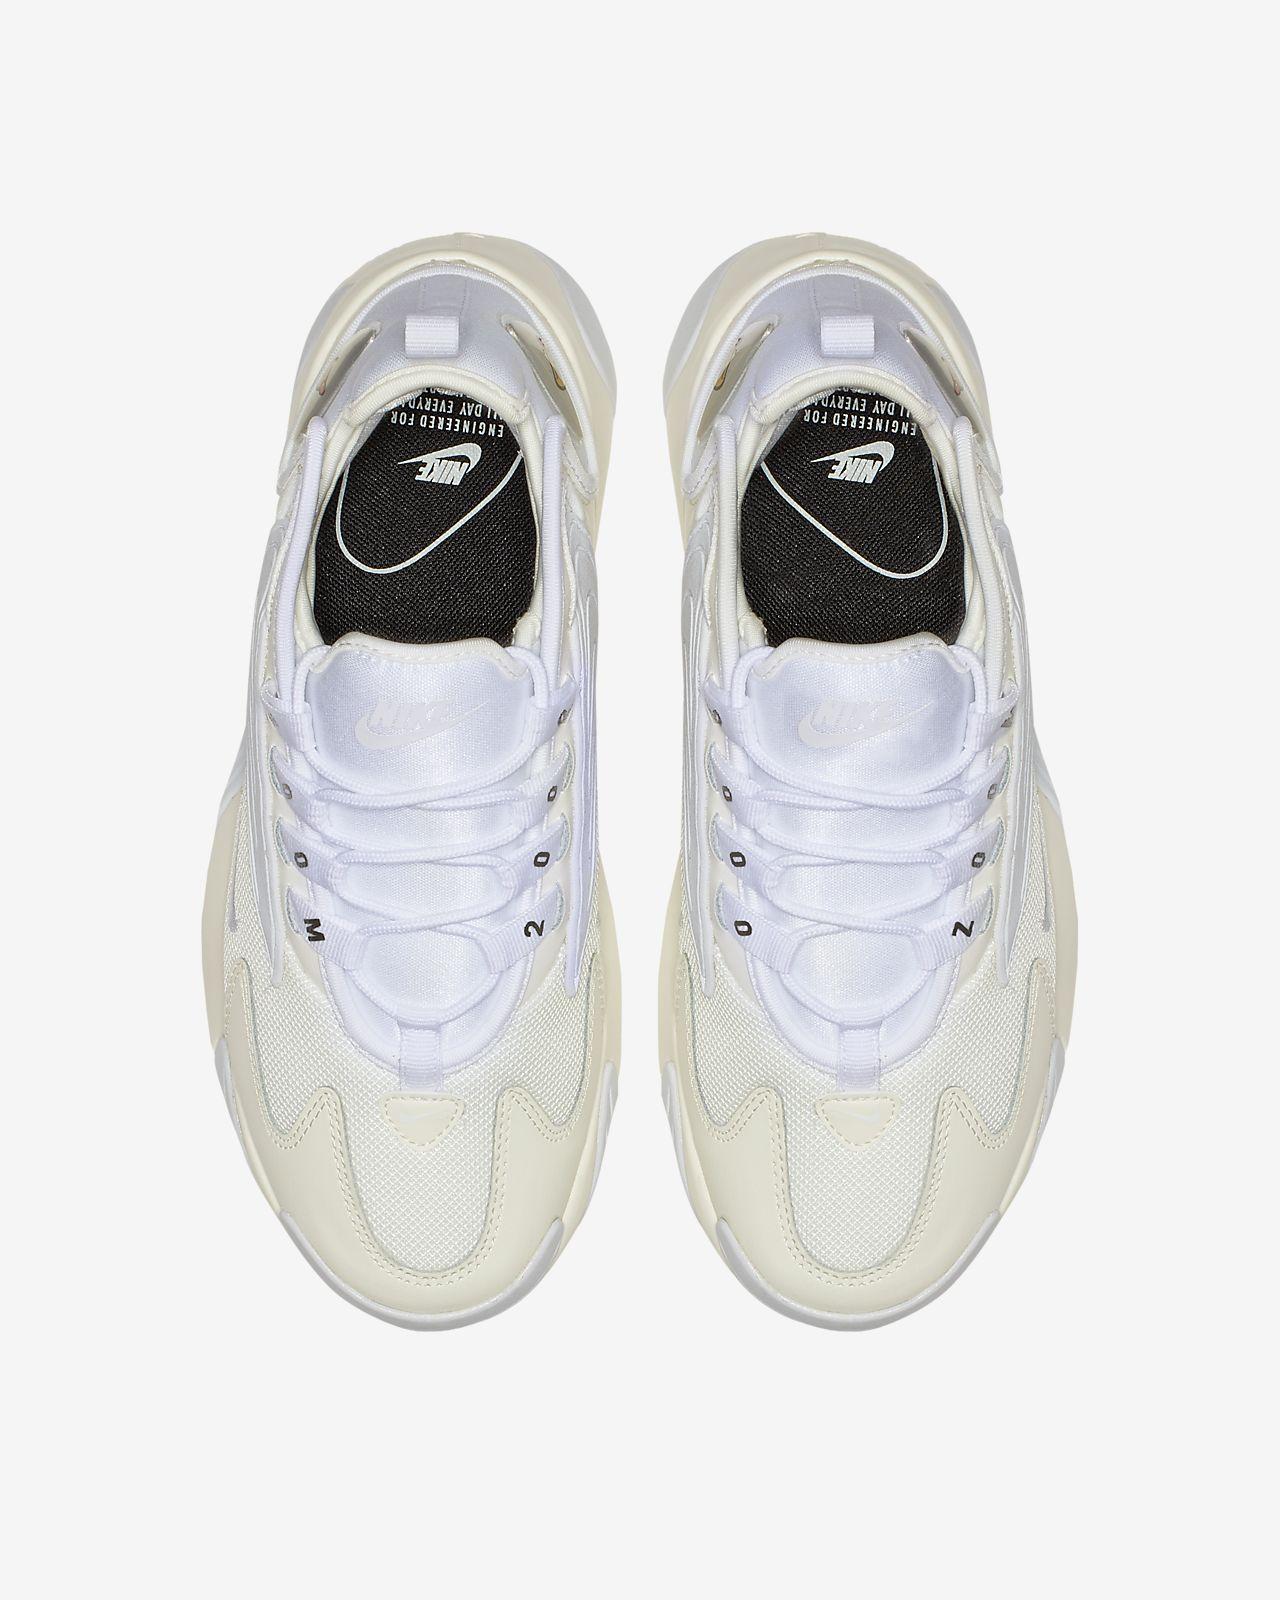 a5e1c7735697 Nike Zoom 2K Women s Shoe. Nike.com